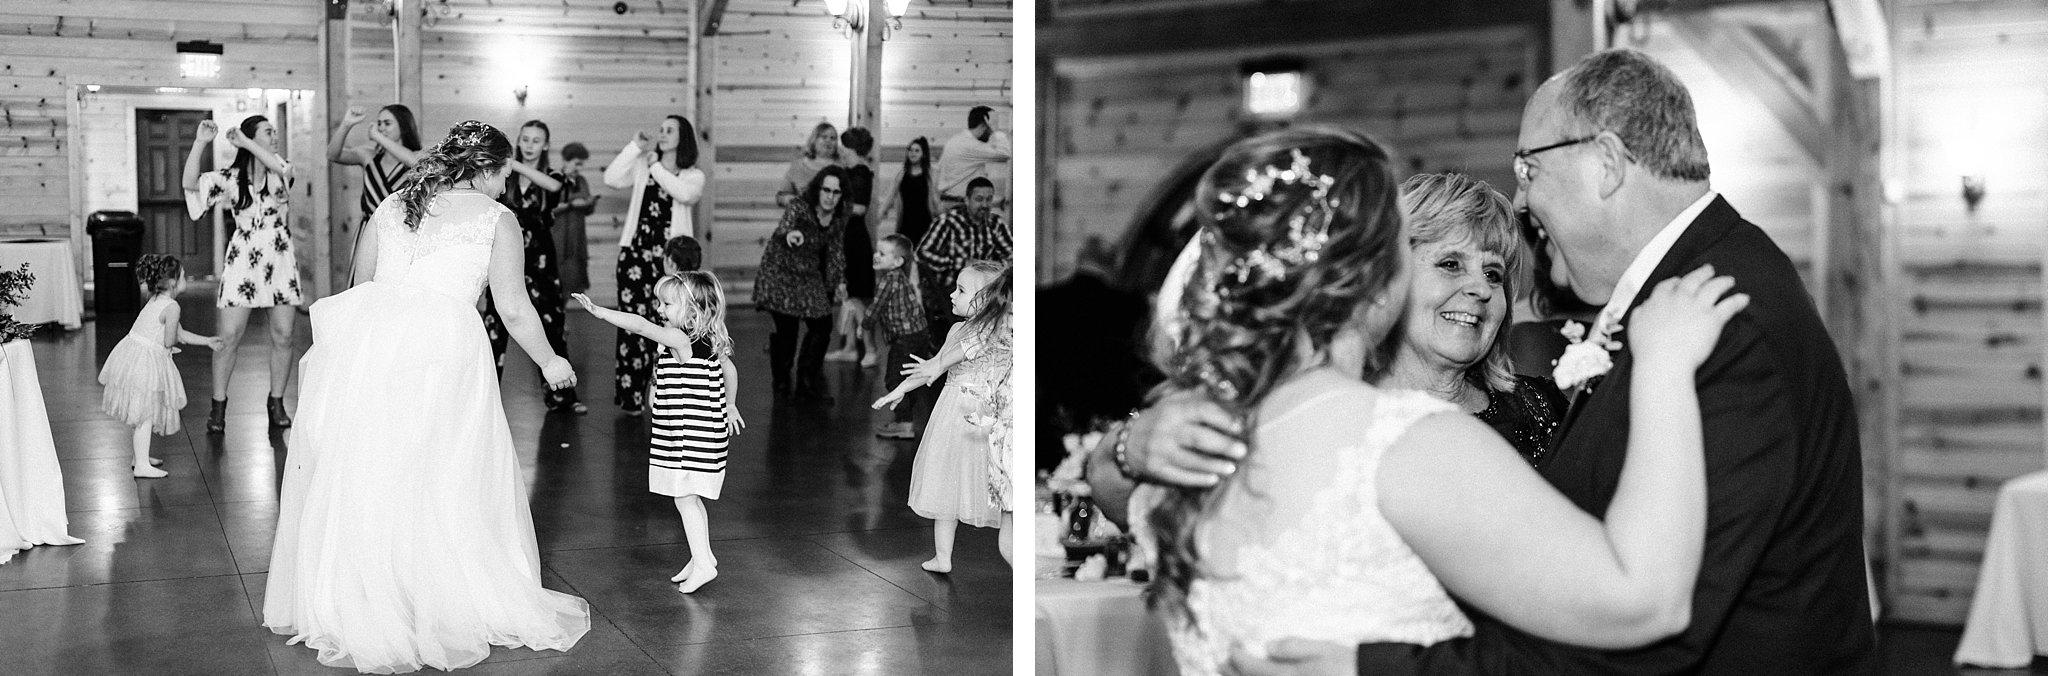 cincinnati wedding photographer130.jpg